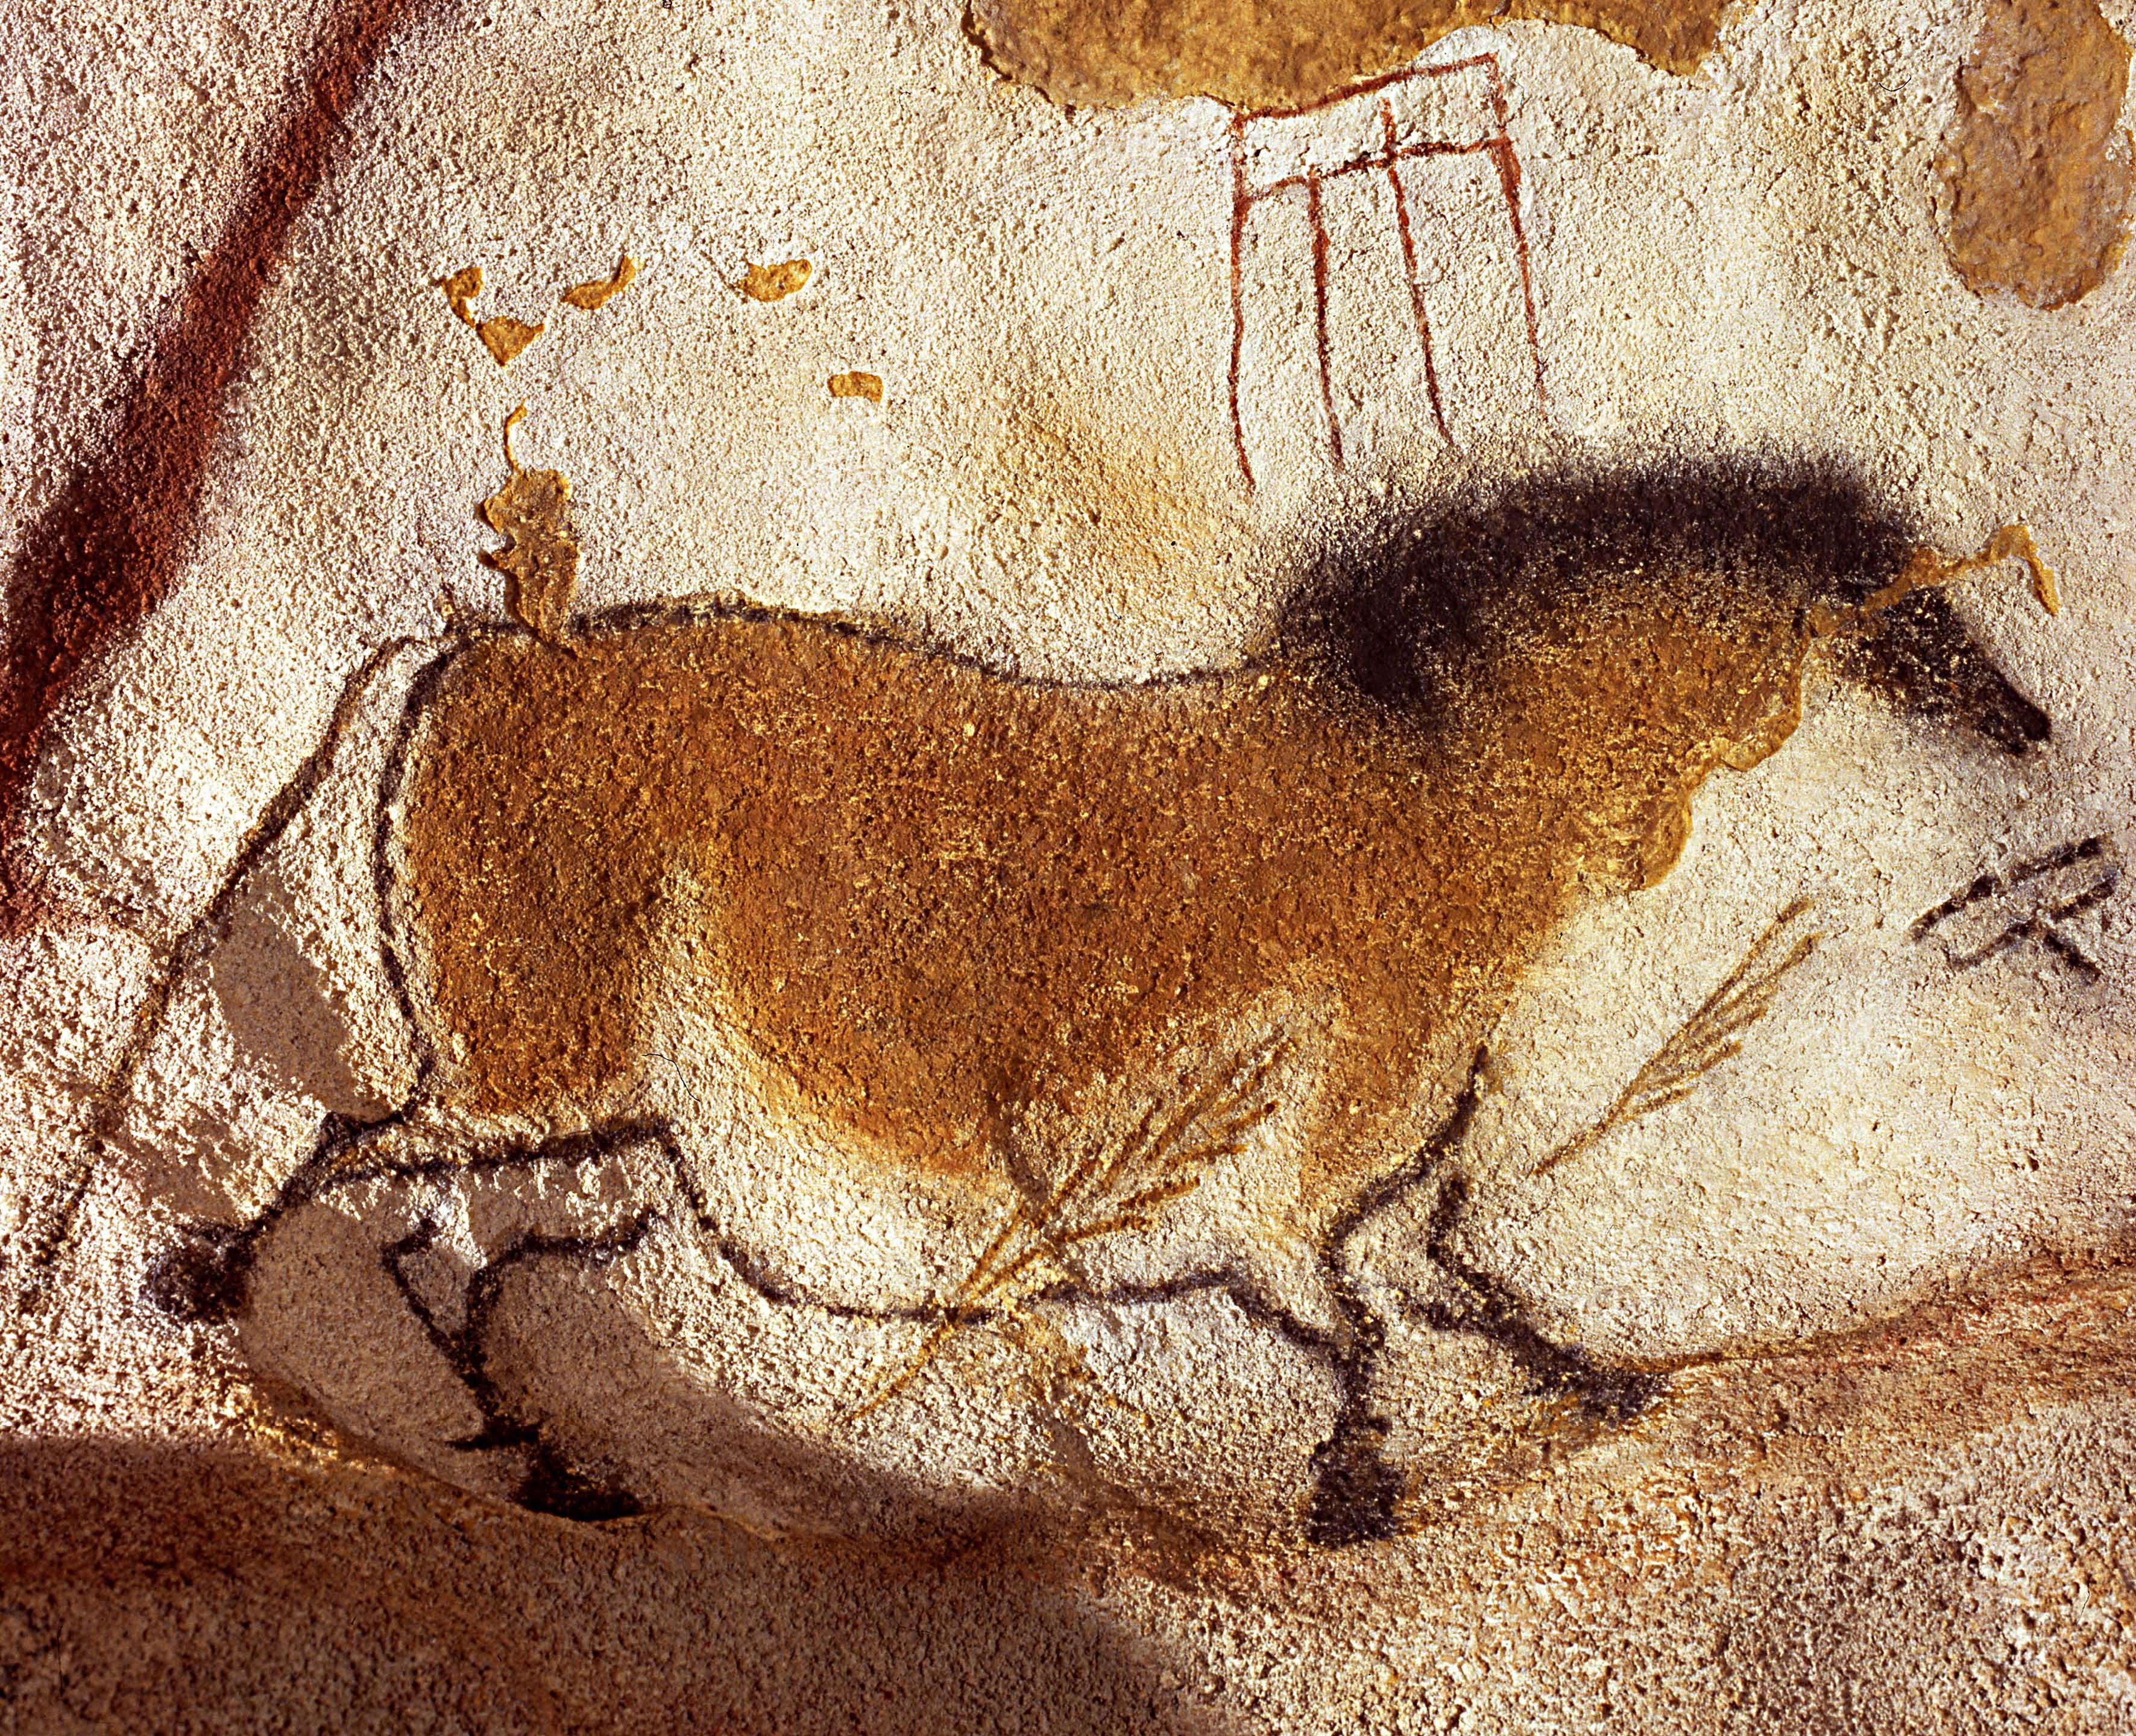 Pintura de um cavalo na caverna de Lascaux, na França, datada de 17.300 anos